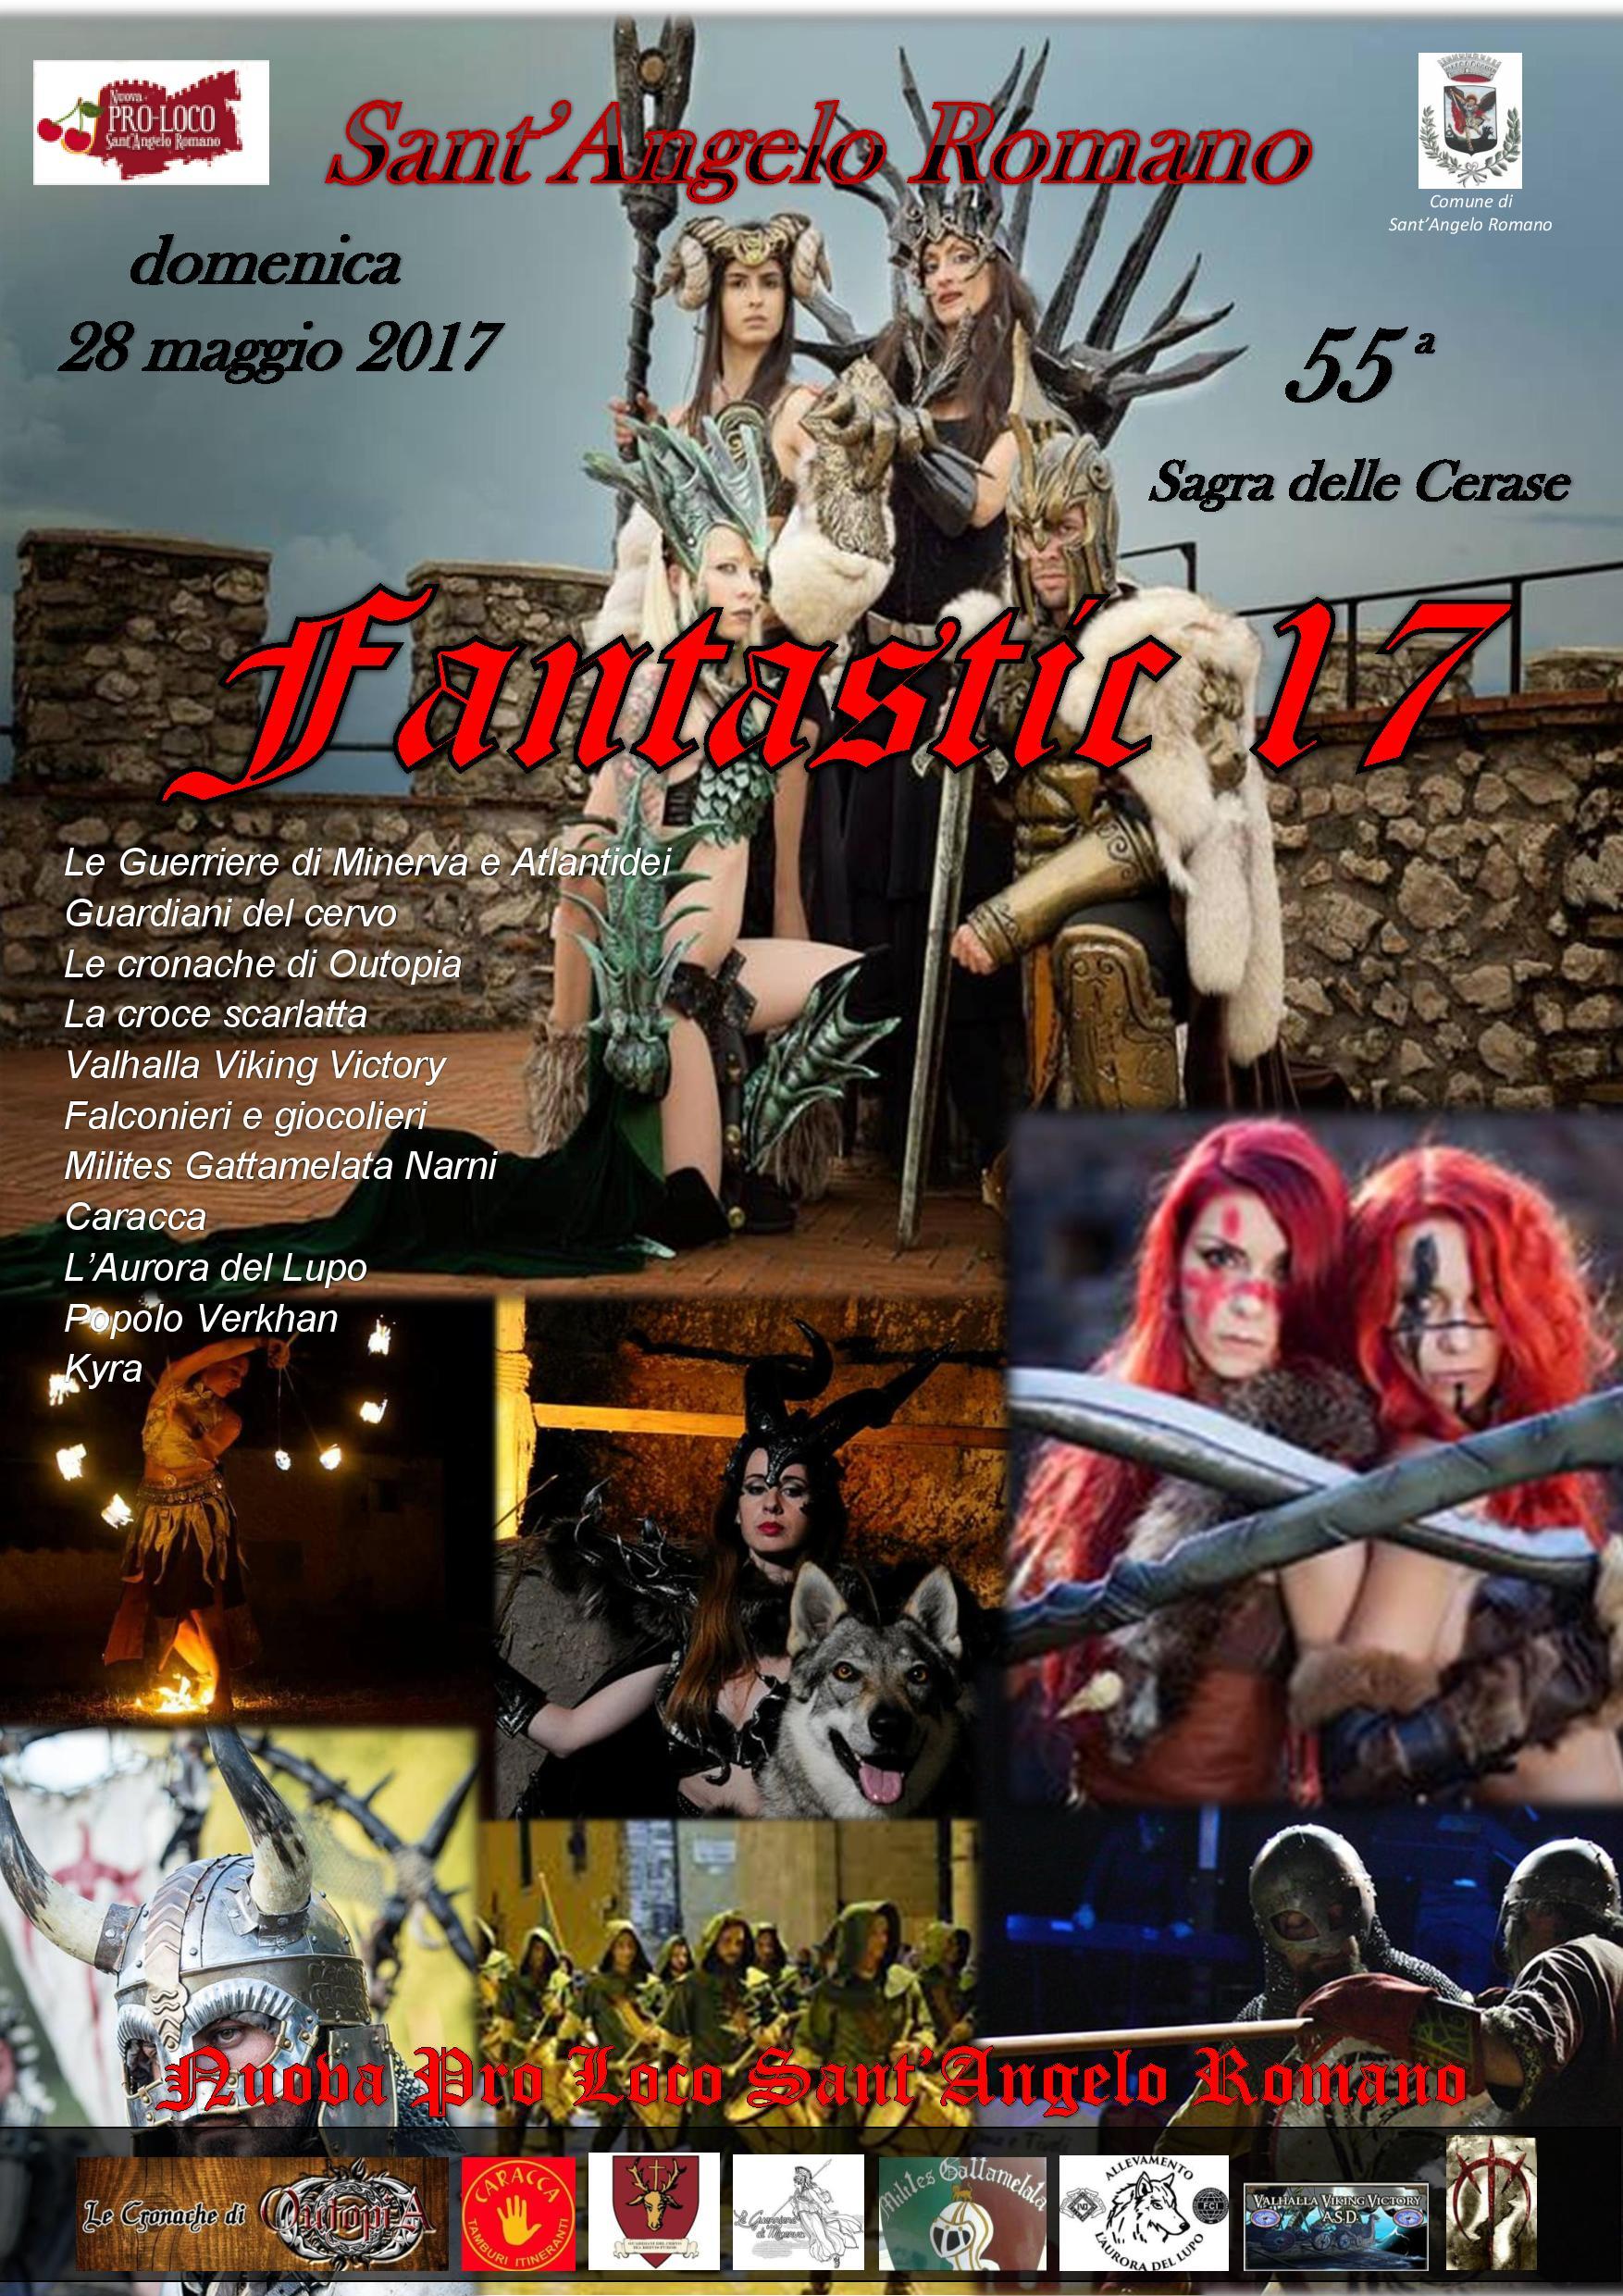 Sagra delle Cerase  - Fantastic 17